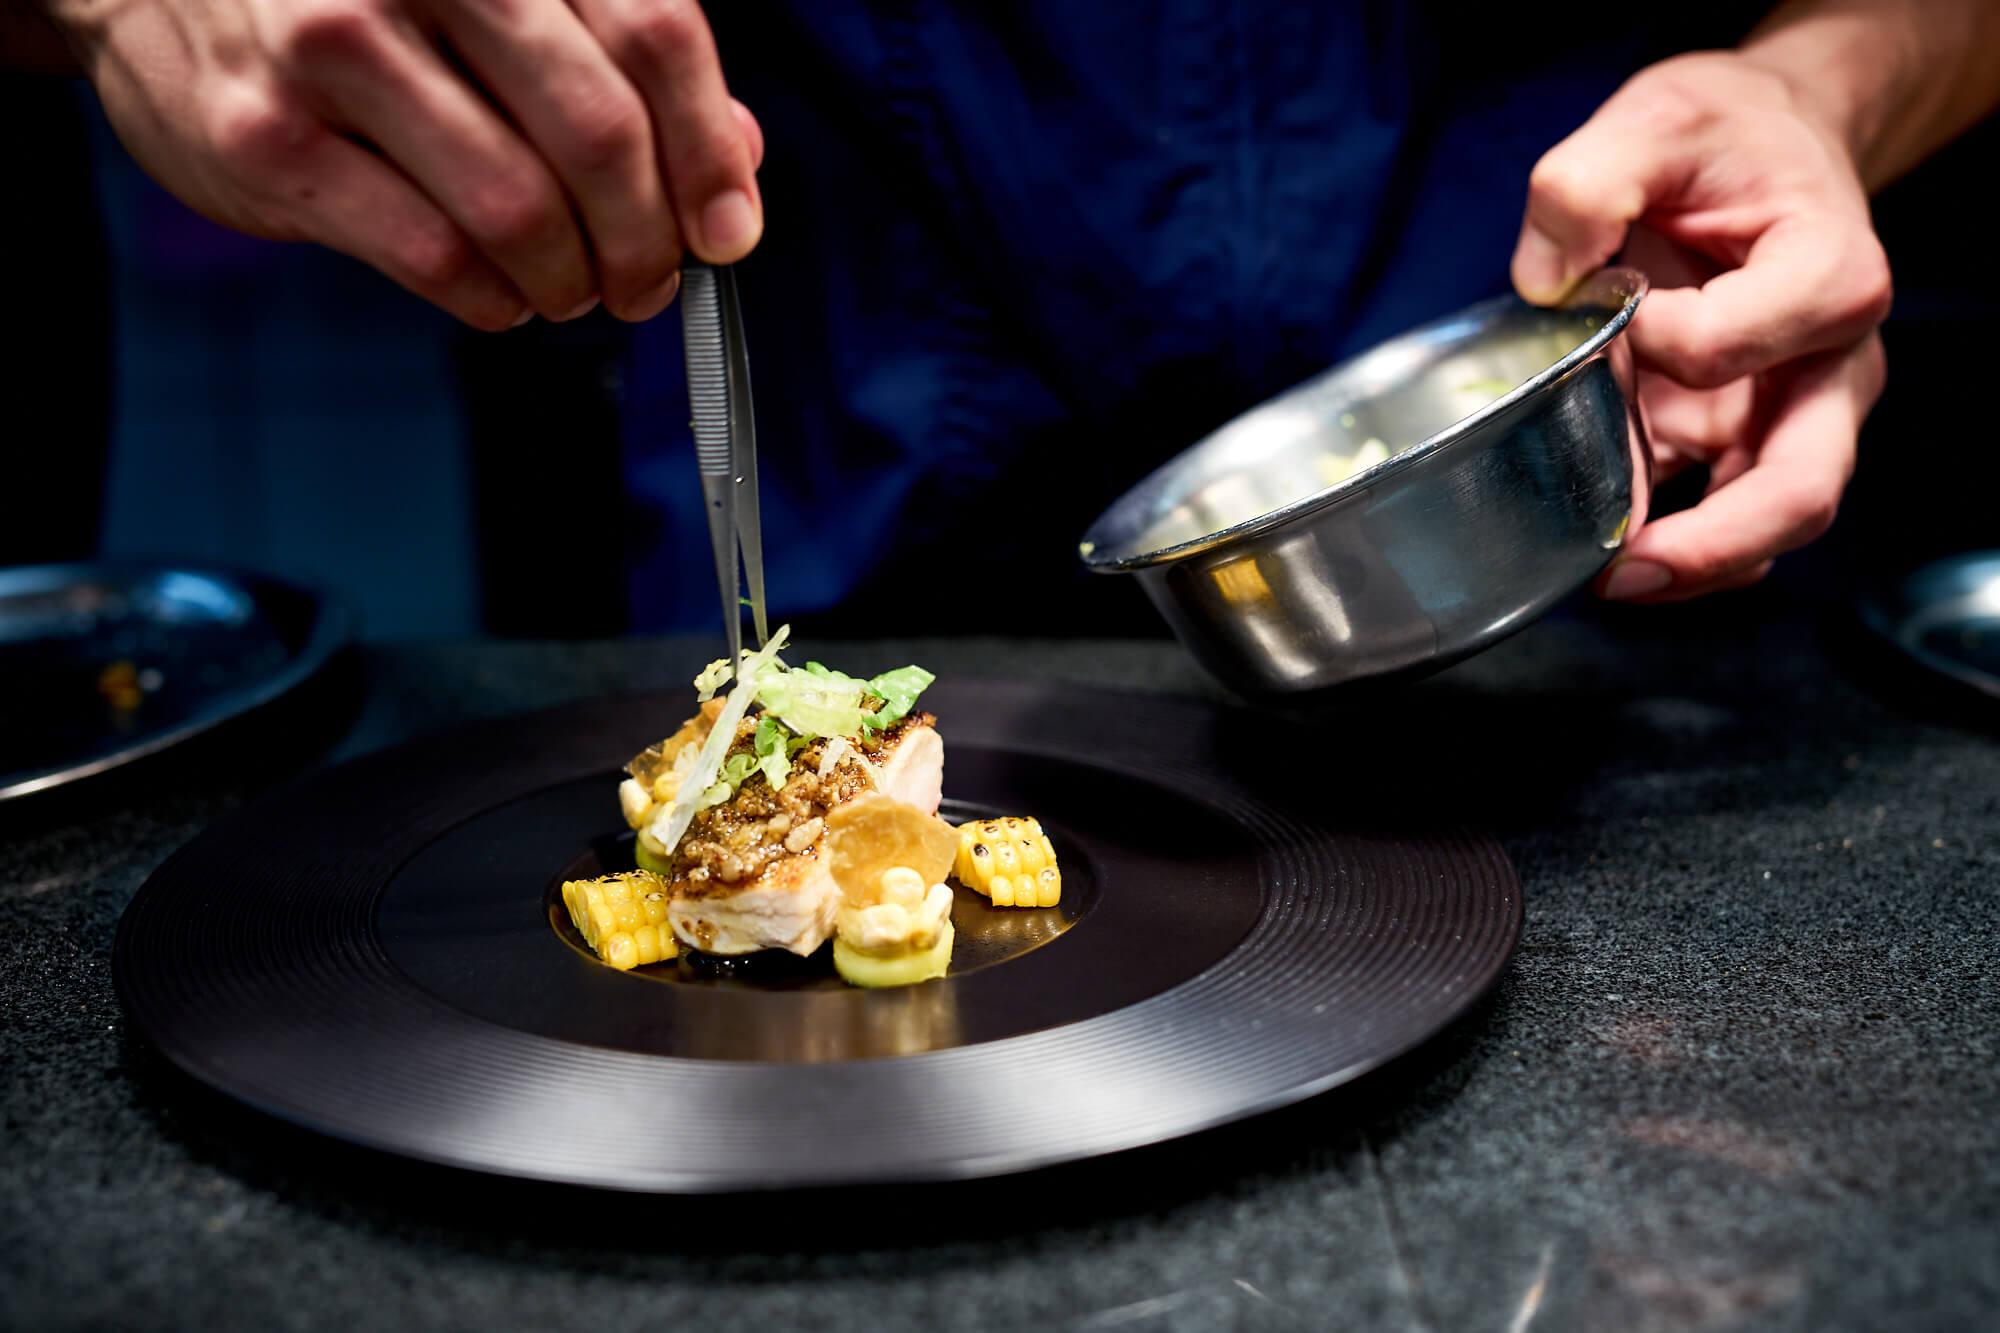 Restaurant Maerz, Benjamin Maerz, Bietigheim-Bissingen - Maishuhn